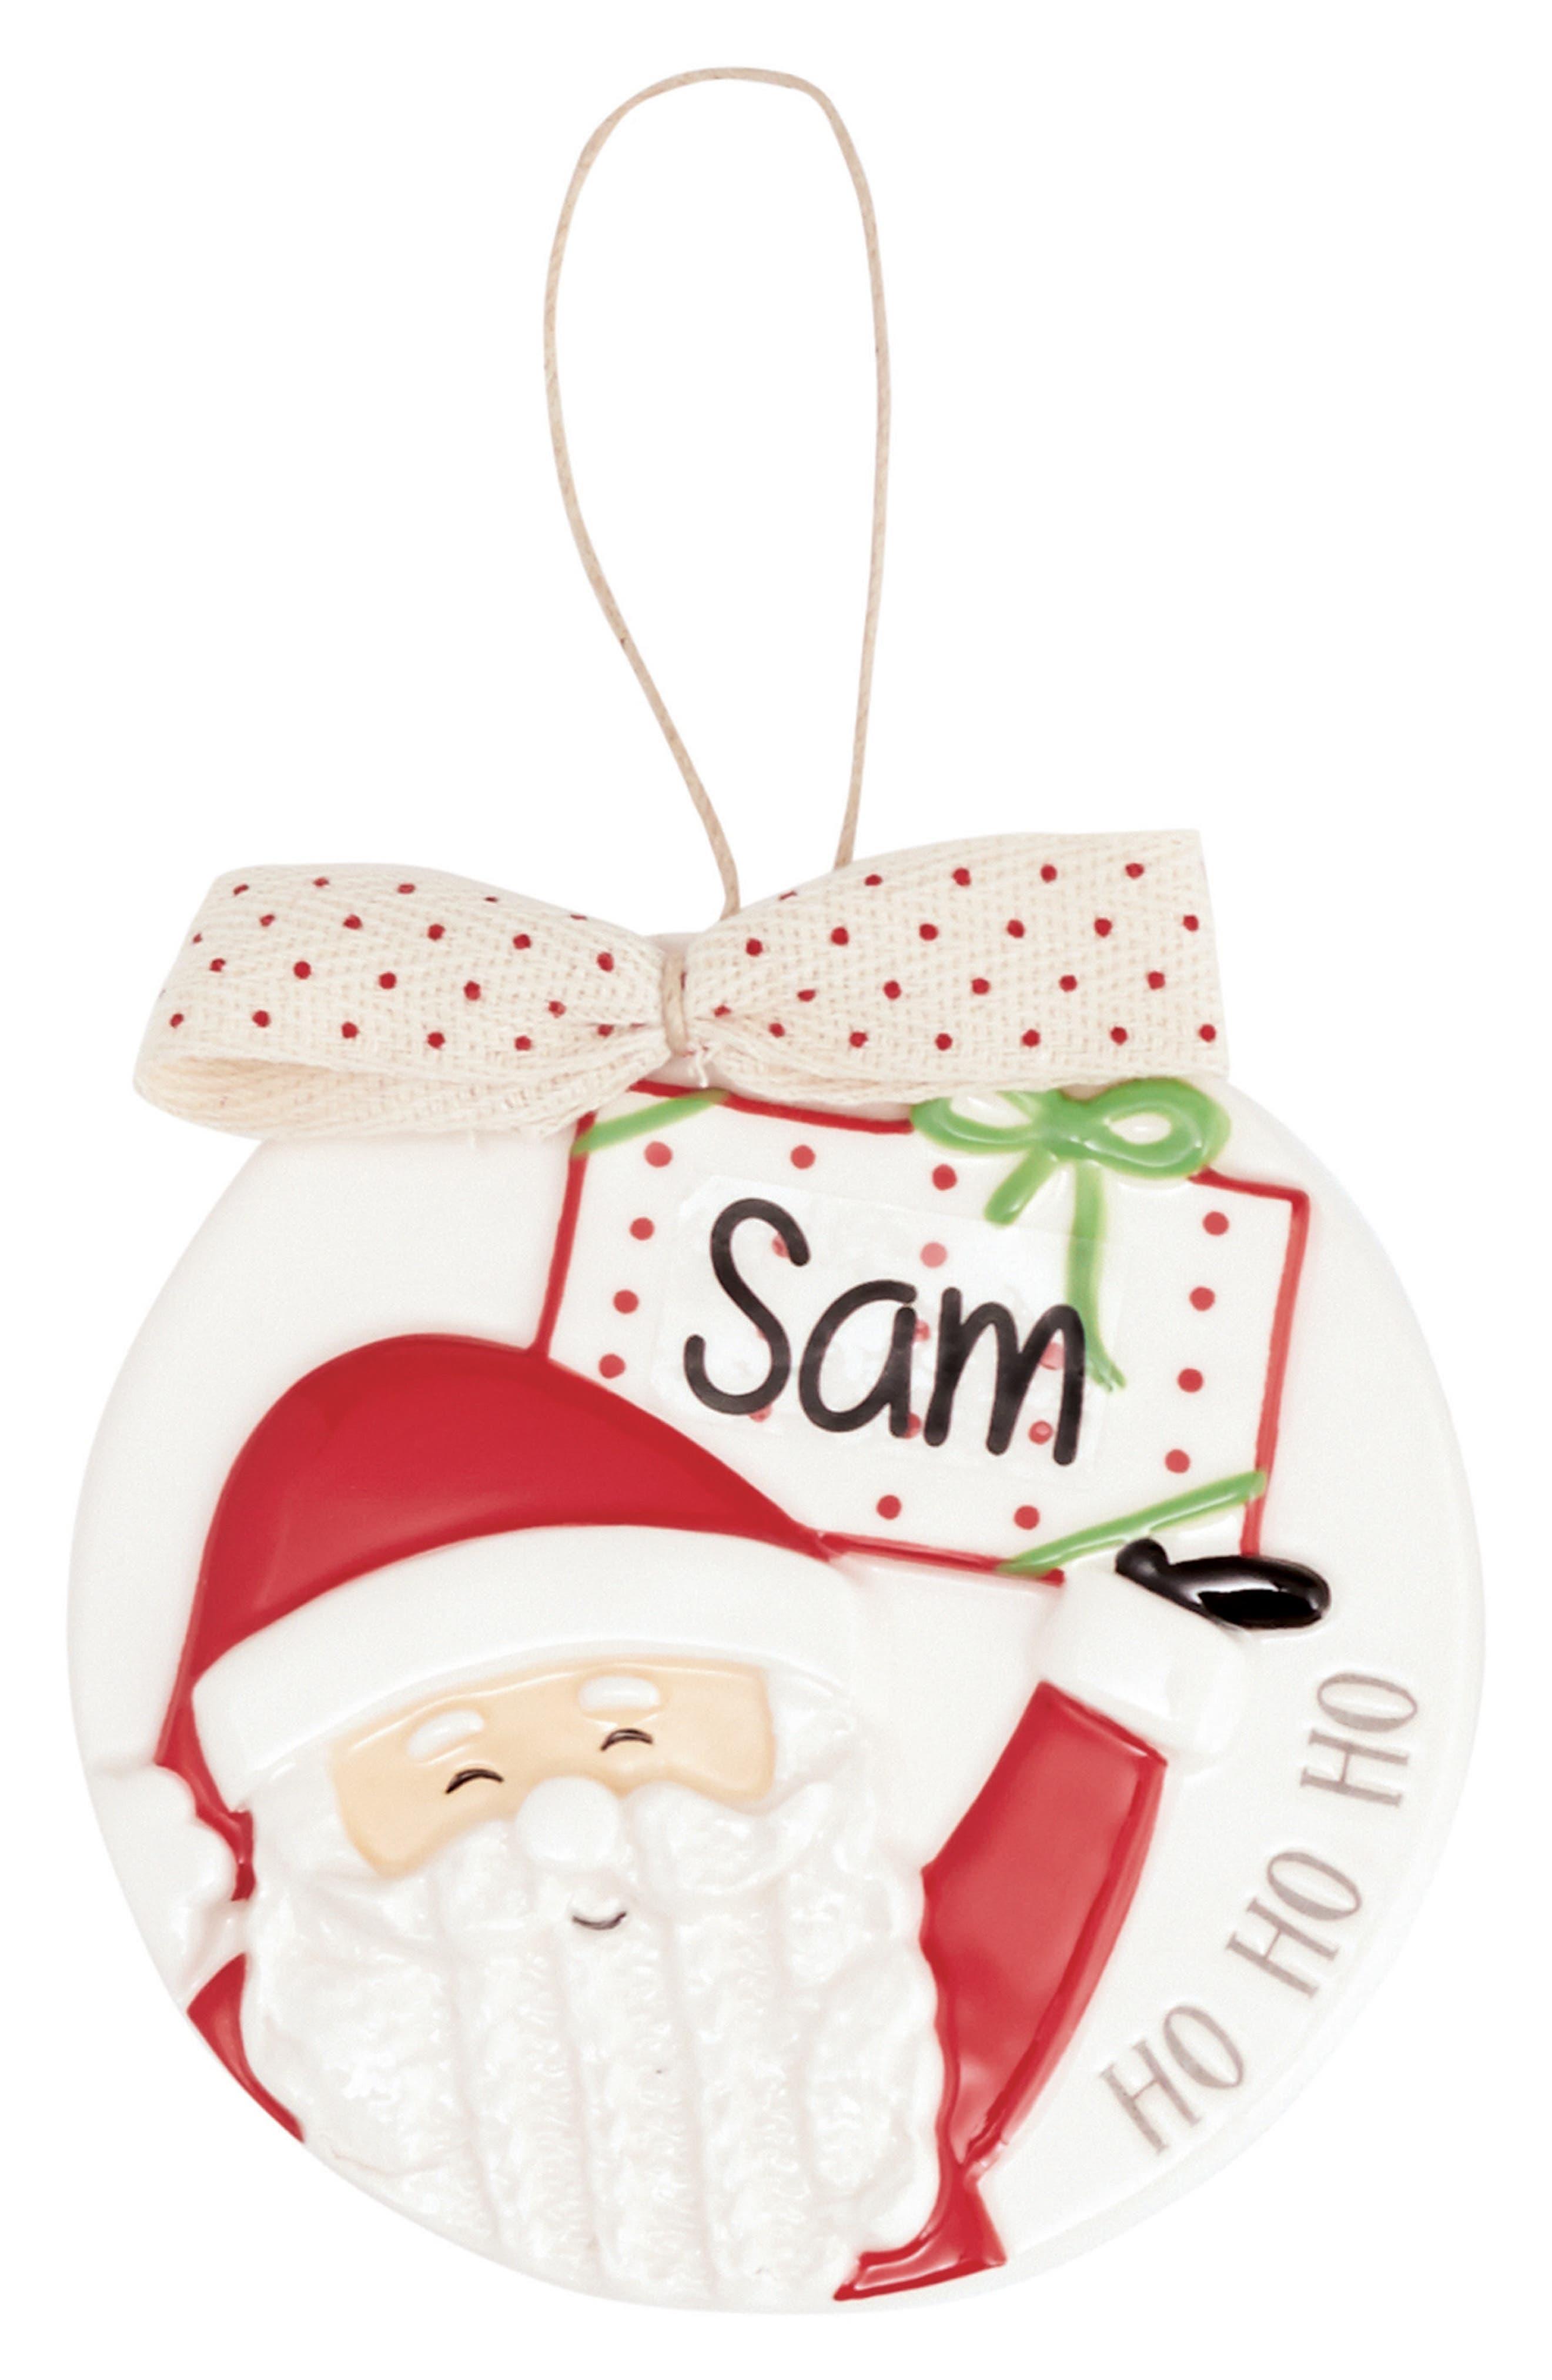 Santa Ornament with Personalization Sticker,                         Main,                         color, White/ Red